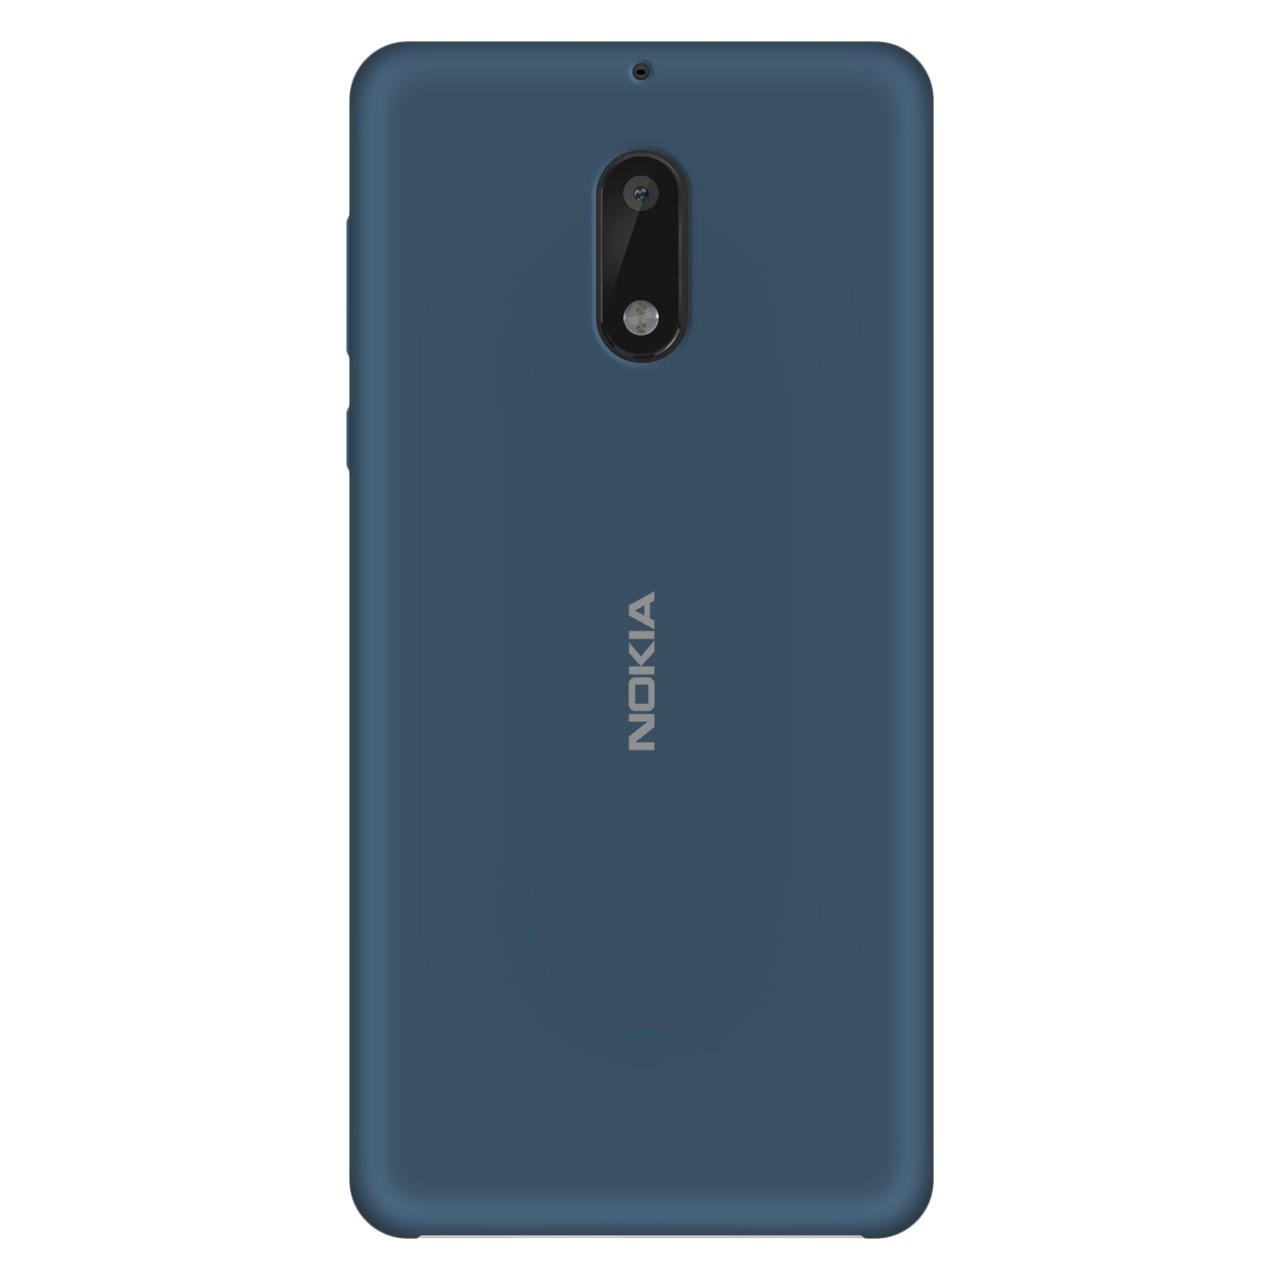 کاور سیلیکونی مناسب برای گوشی موبایل نوکیا 6                     غیر اصل